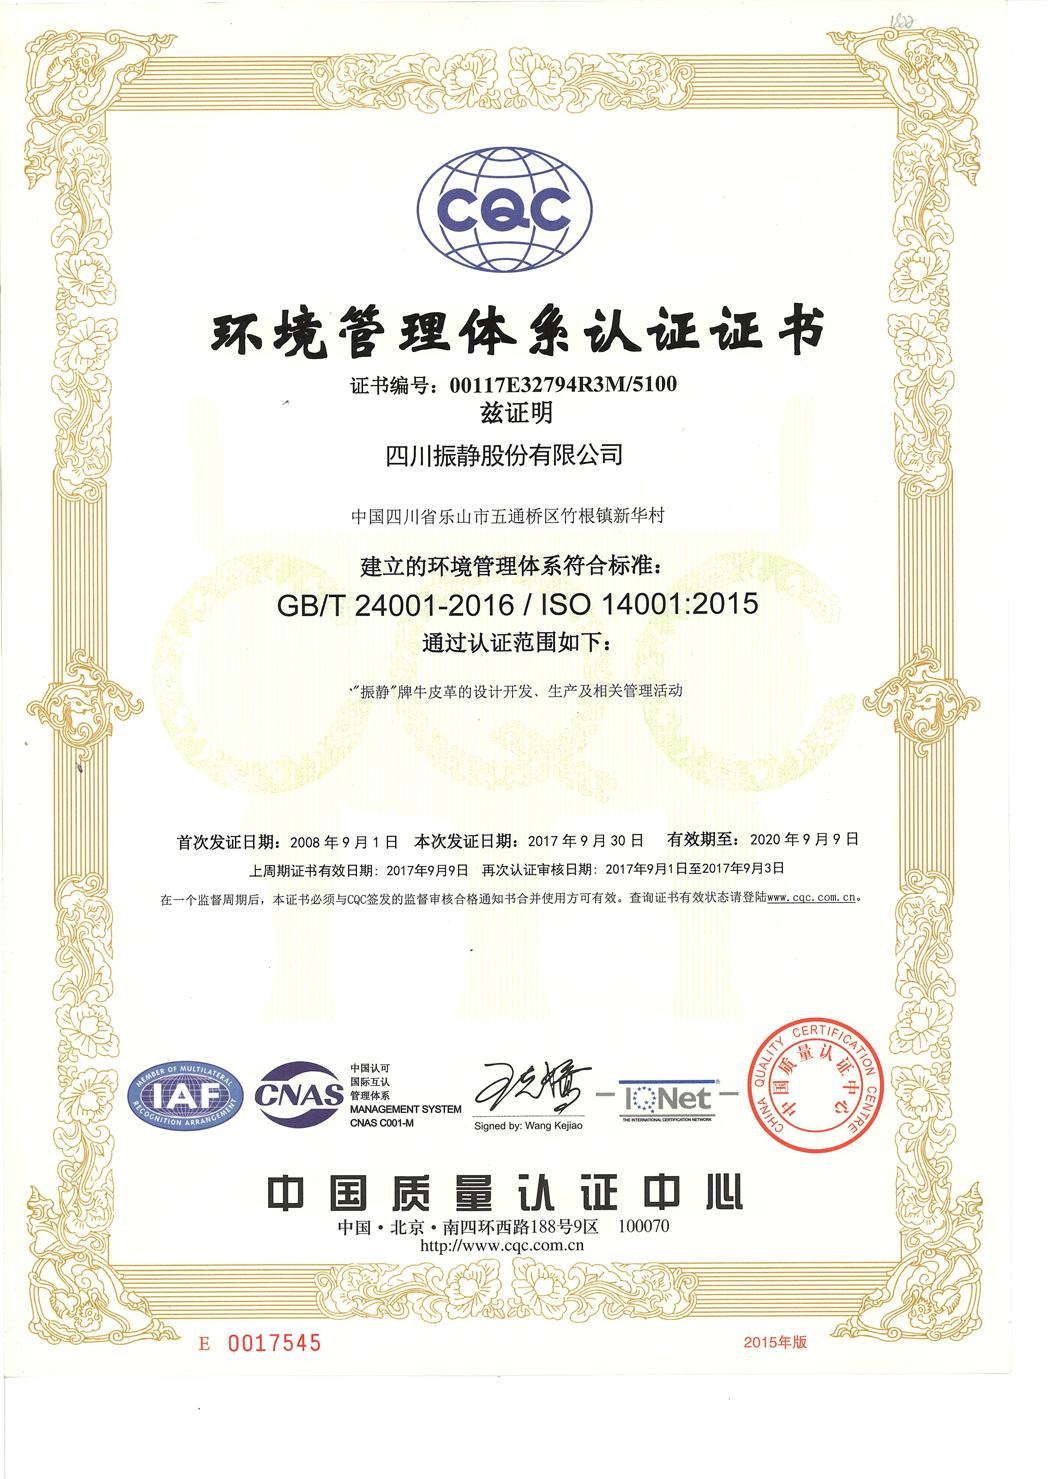 ISO-14001環境管理體系認證-中文20200909前有效